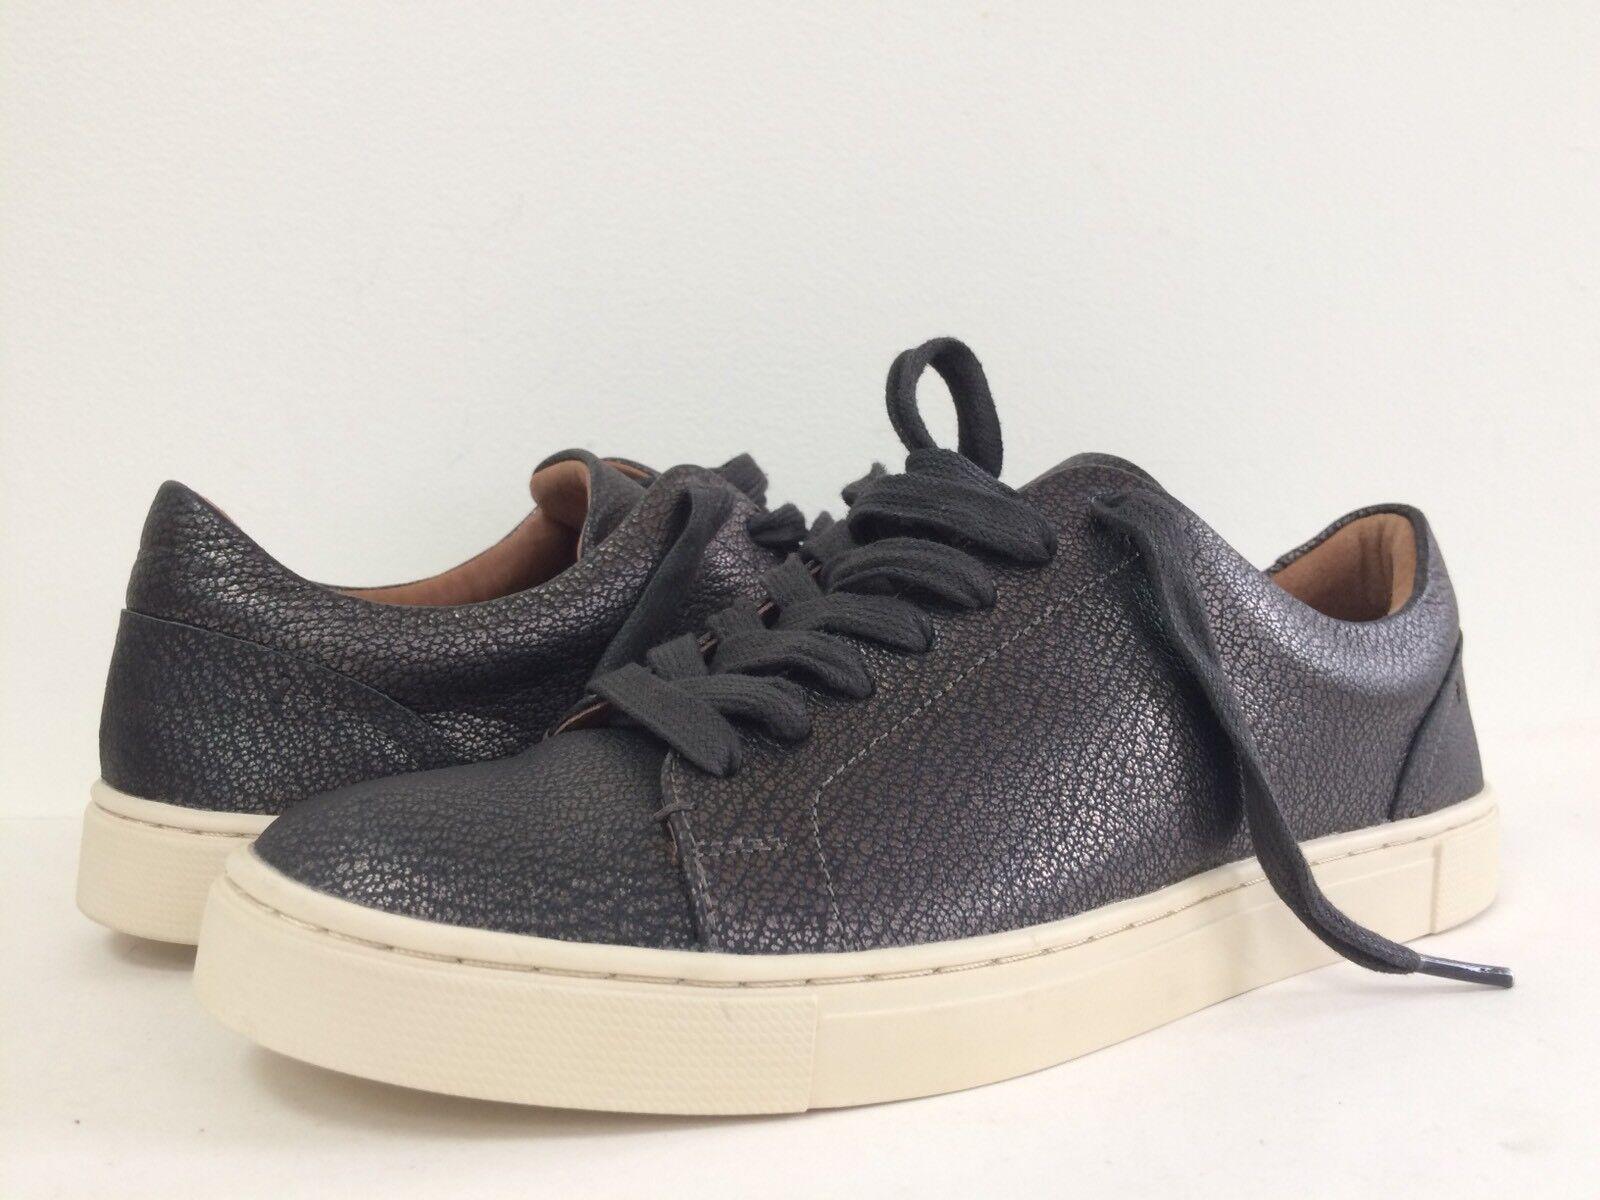 Zapatos de Cuero nuevo nuevo nuevo Frye nos para Mujer 5.5M 7M 10M Baja Zapatillas De Moda Encaje de hiedra de estaño  las mejores marcas venden barato